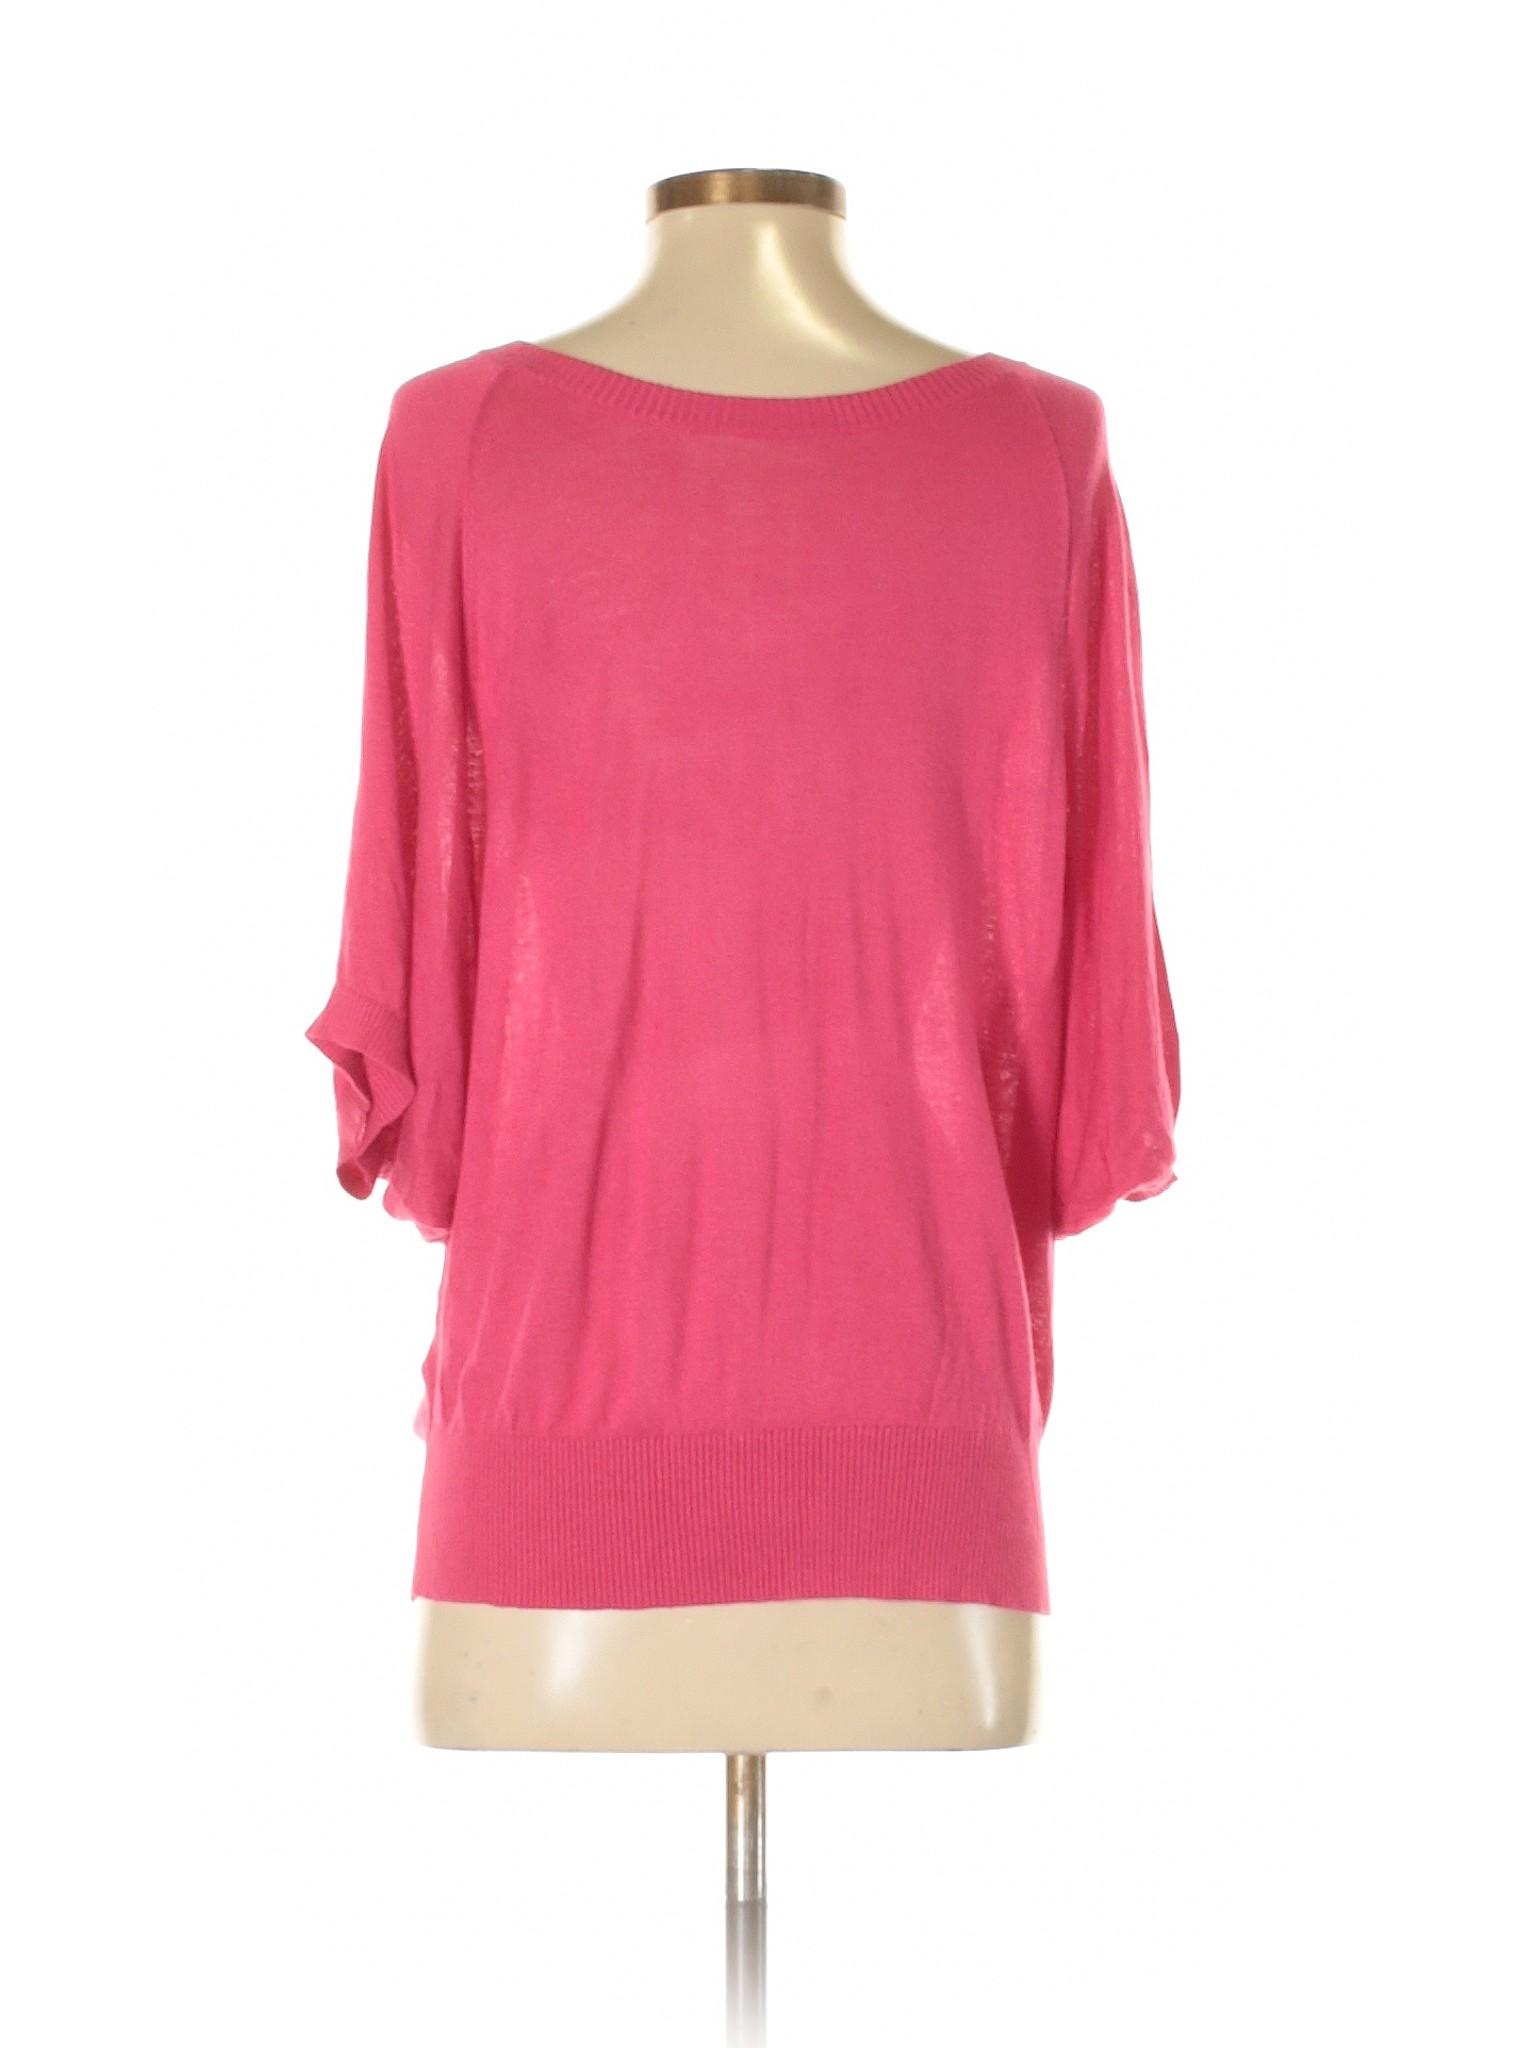 Pullover Taylor Boutique Ann LOFT Sweater 1q0twZt